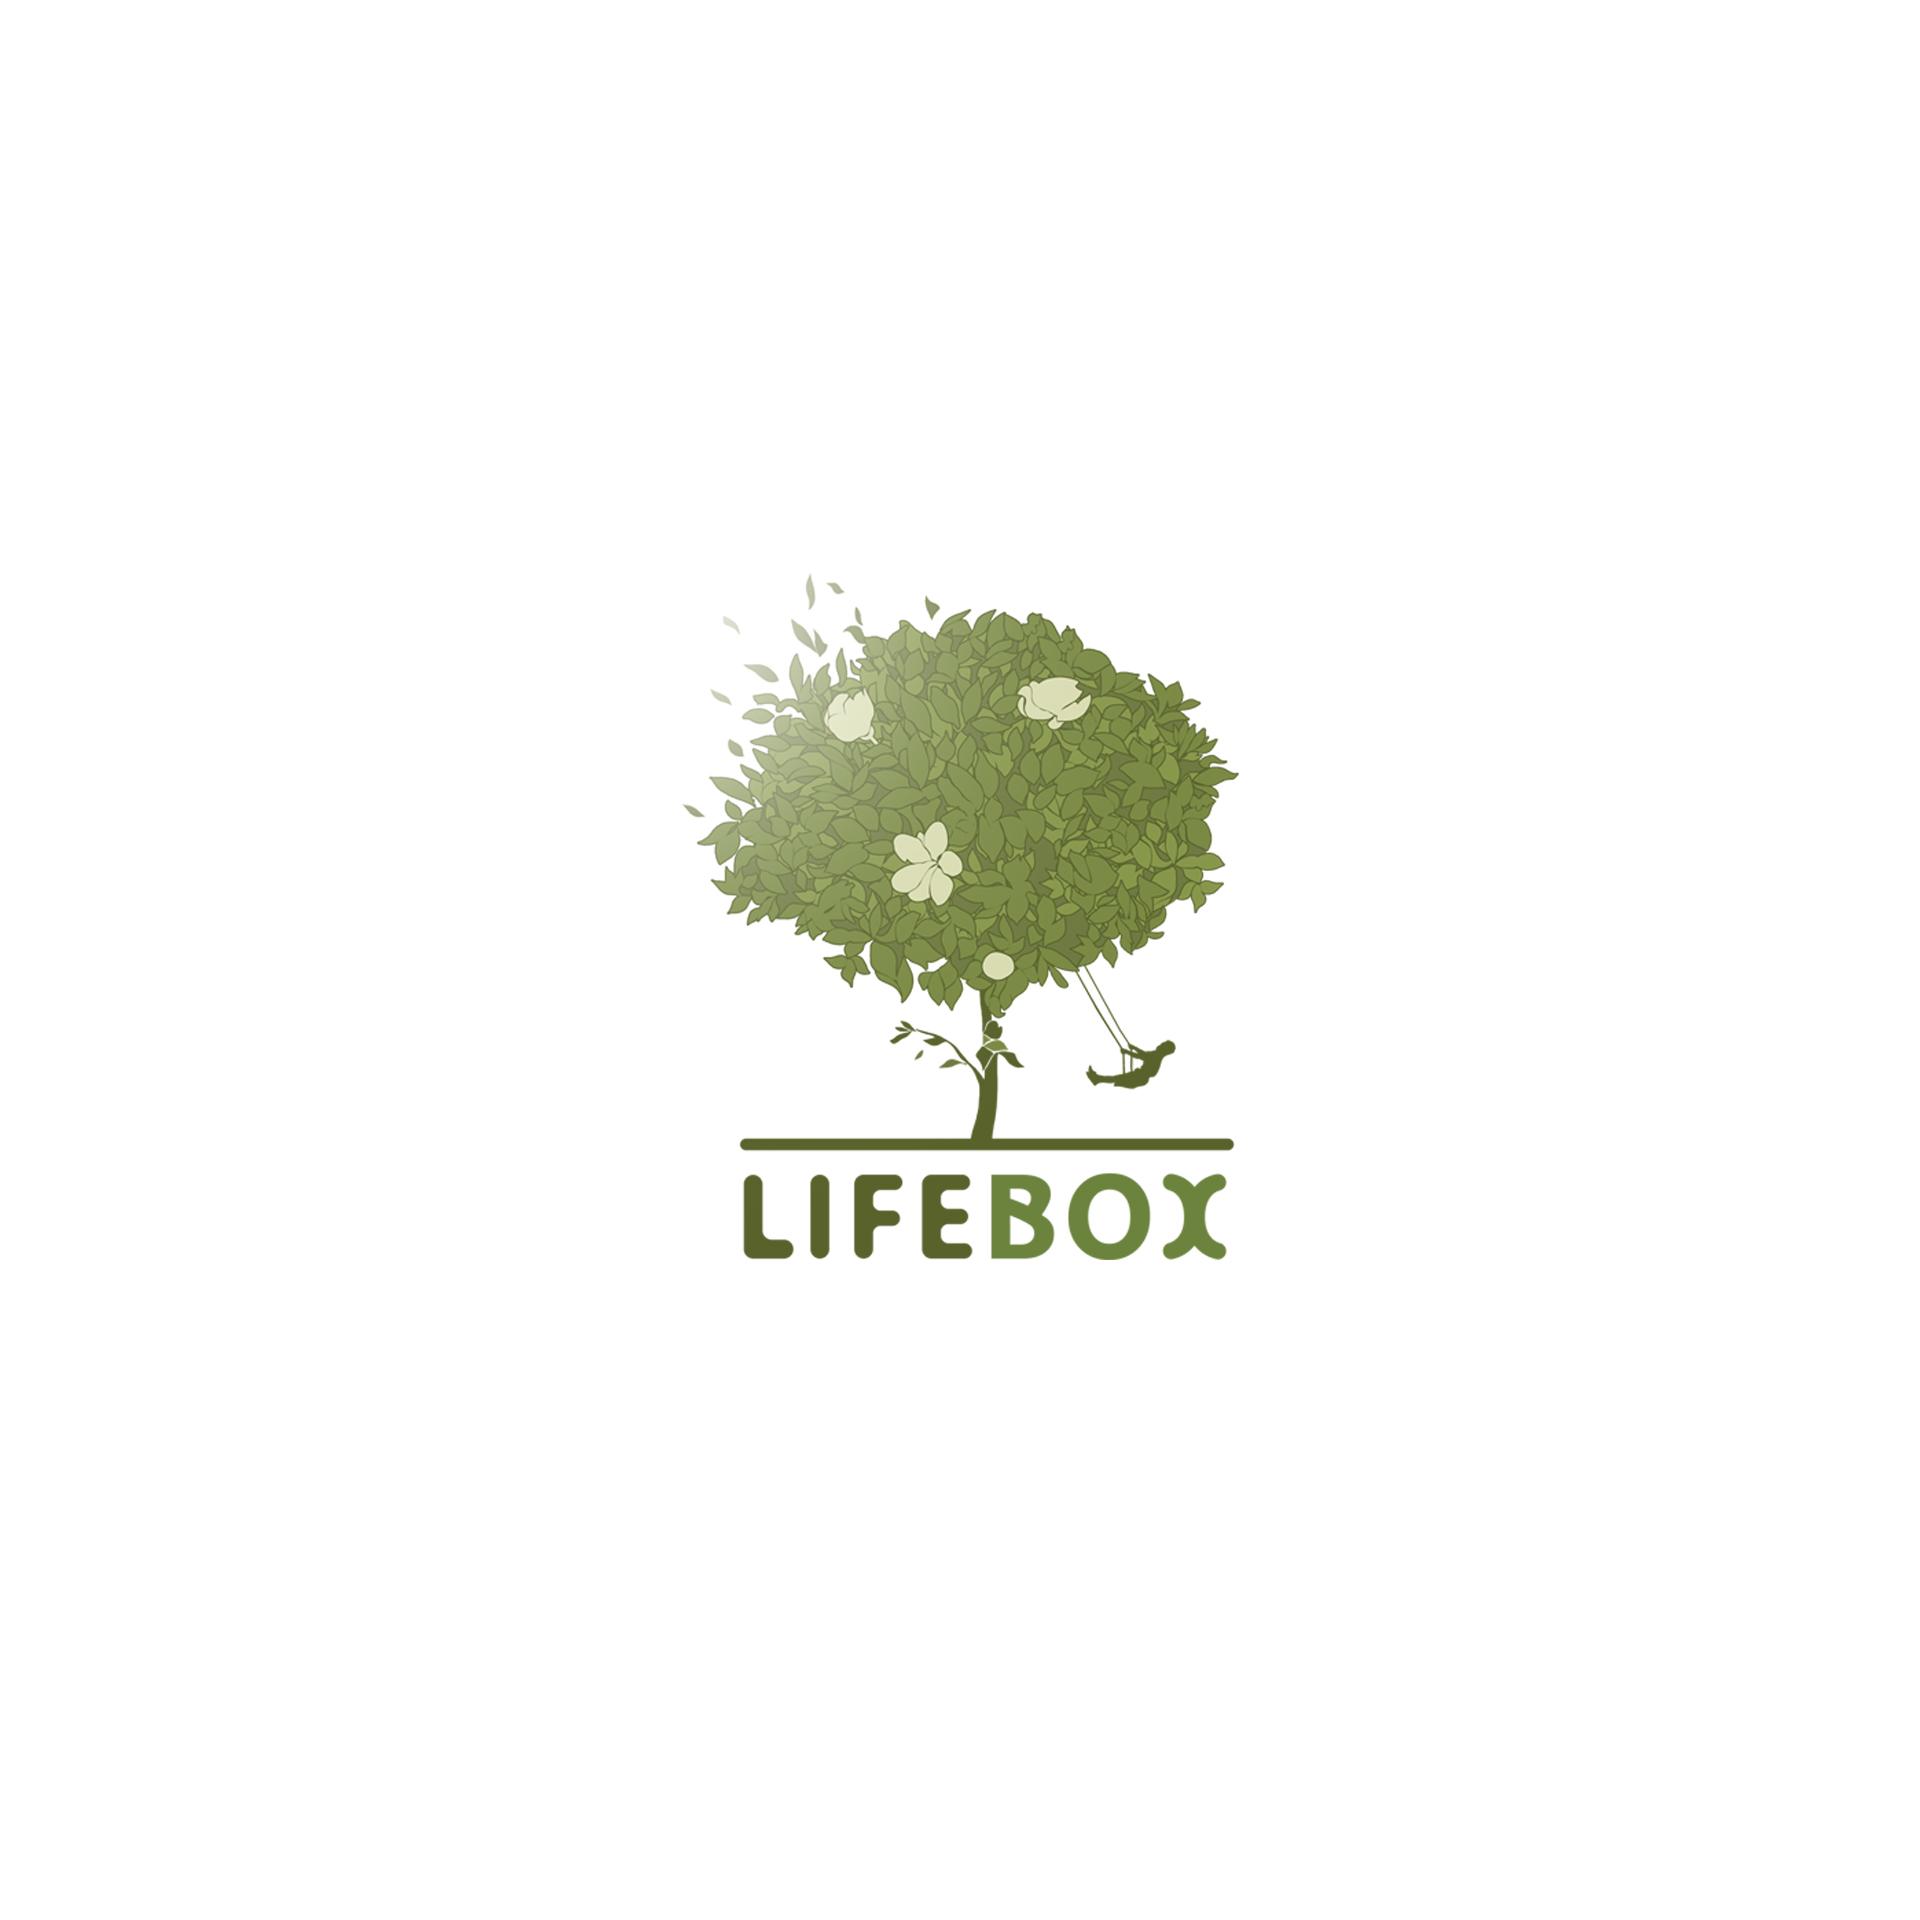 Разработка Логотипа. Победитель получит расширеный заказ  фото f_9485c48d999268a1.jpg